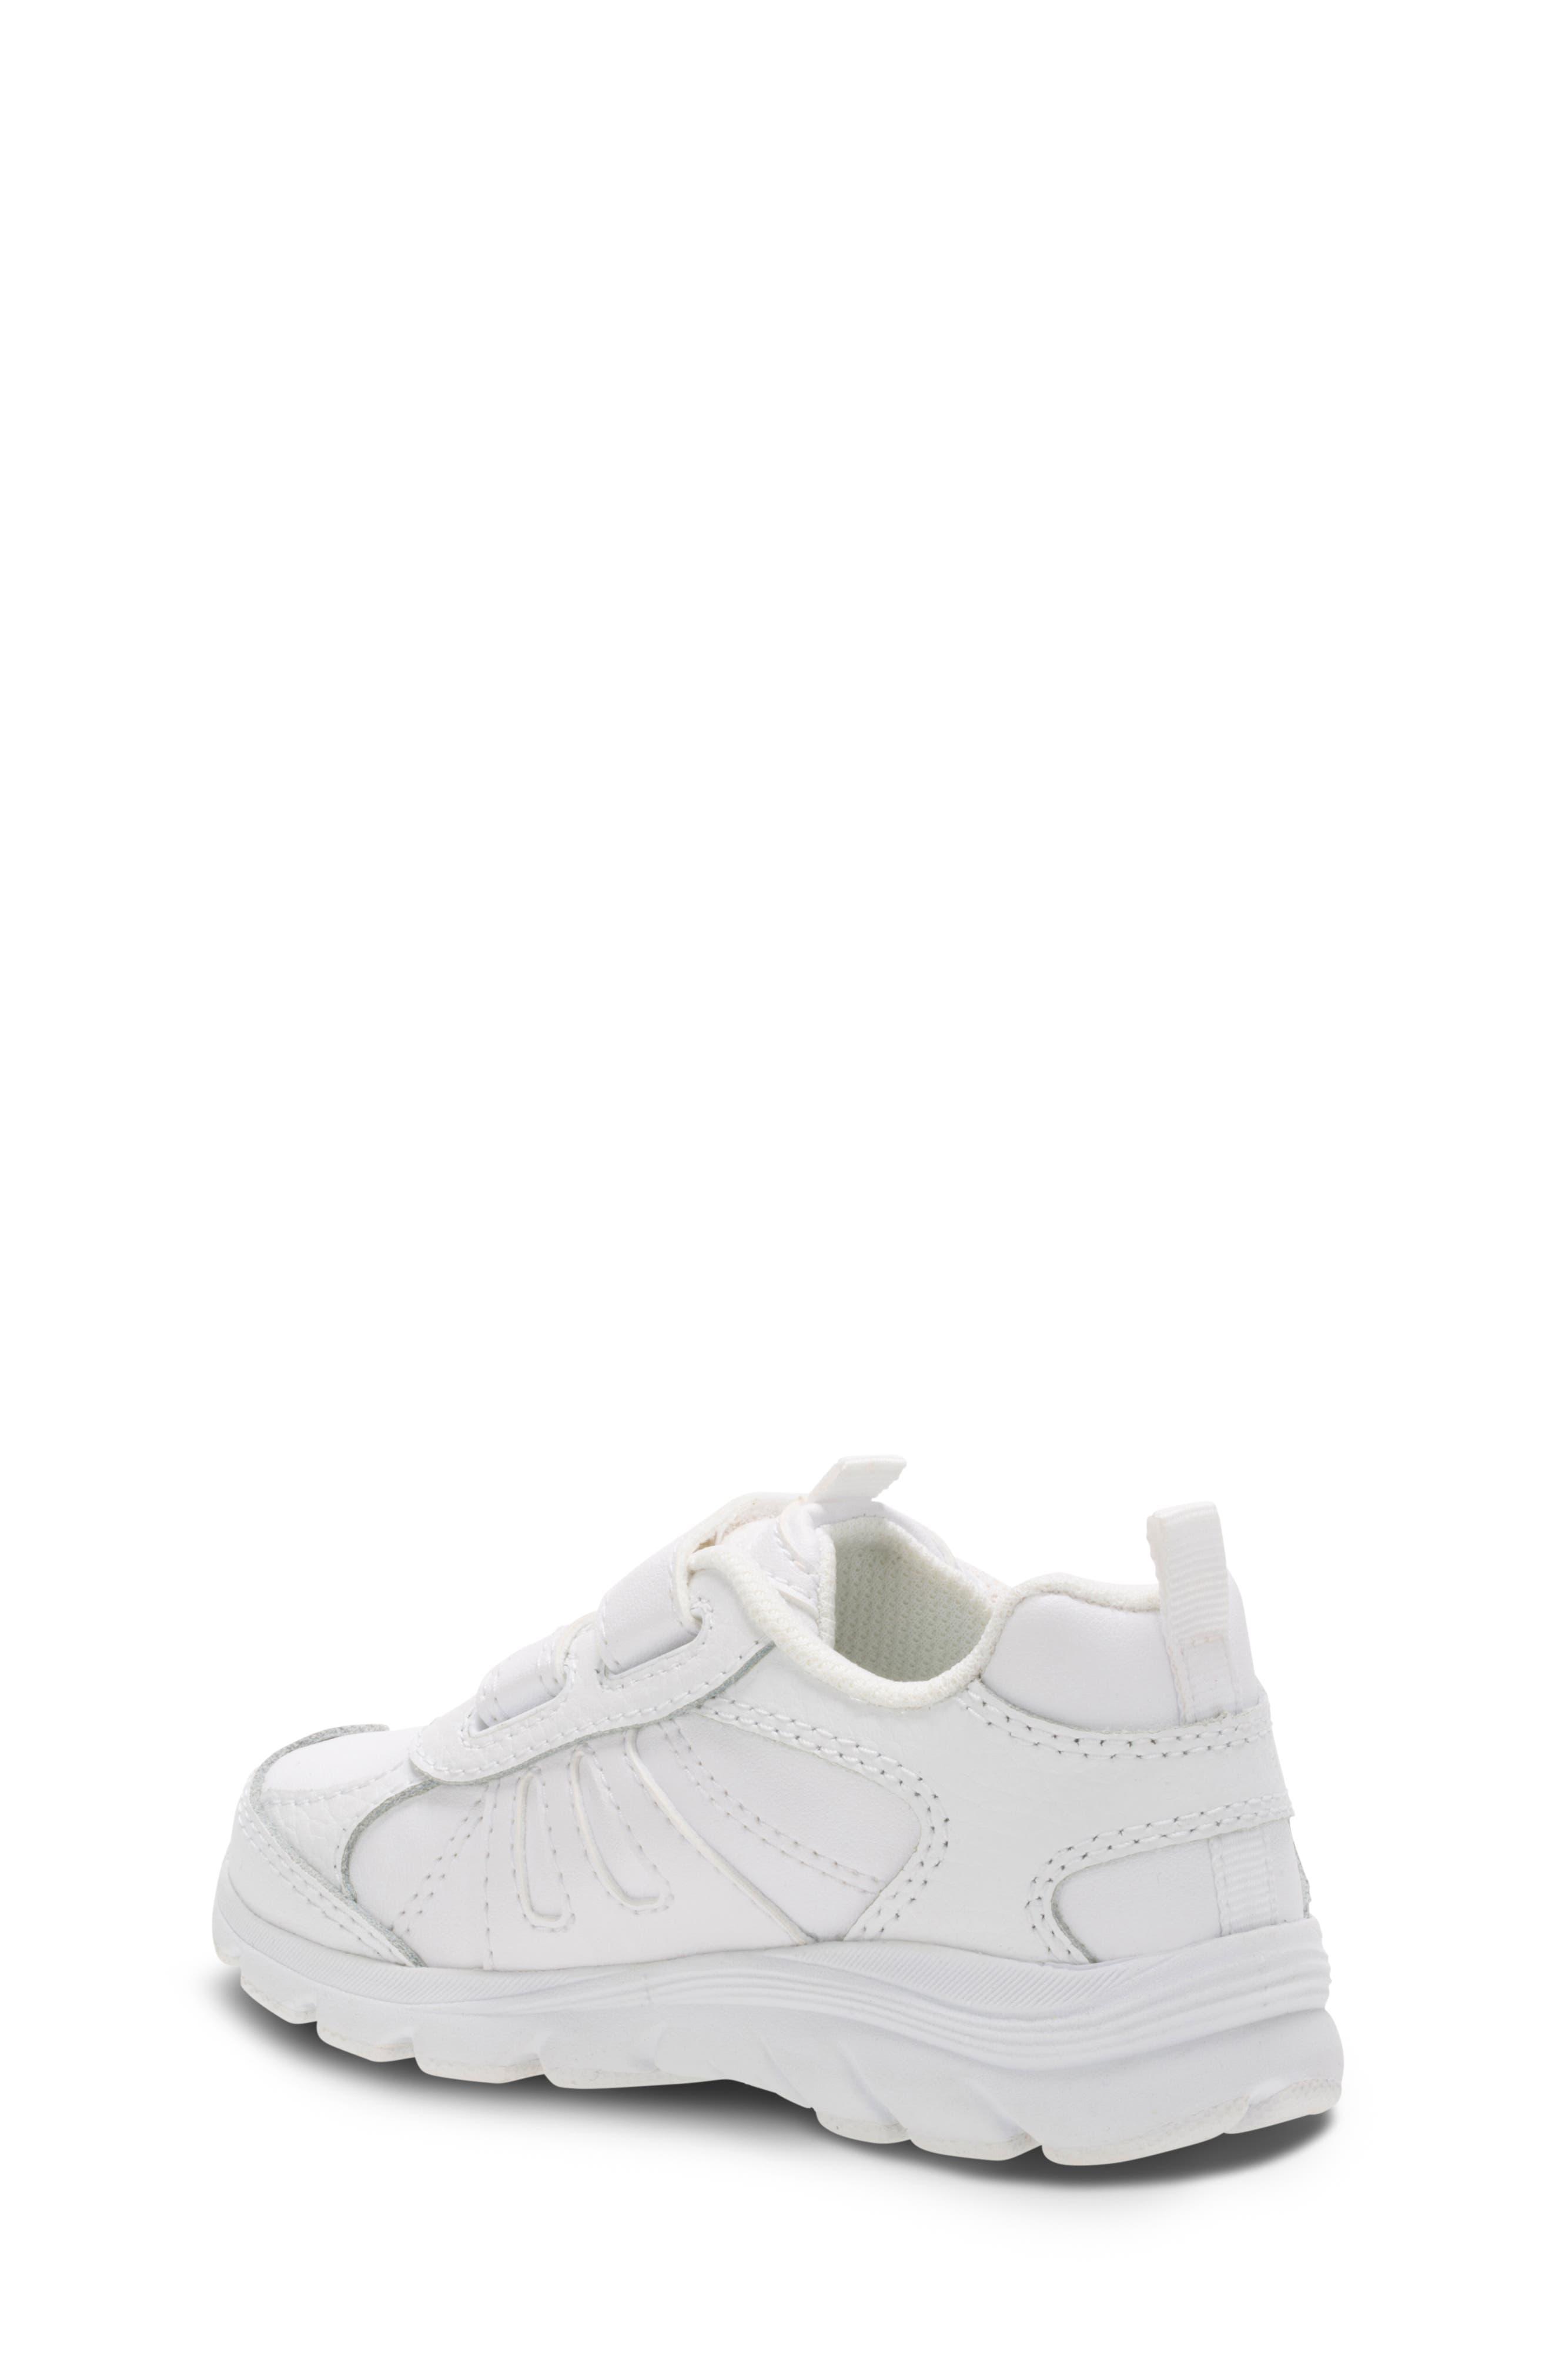 Cooper 2.0 Sneaker,                             Alternate thumbnail 2, color,                             WHITE